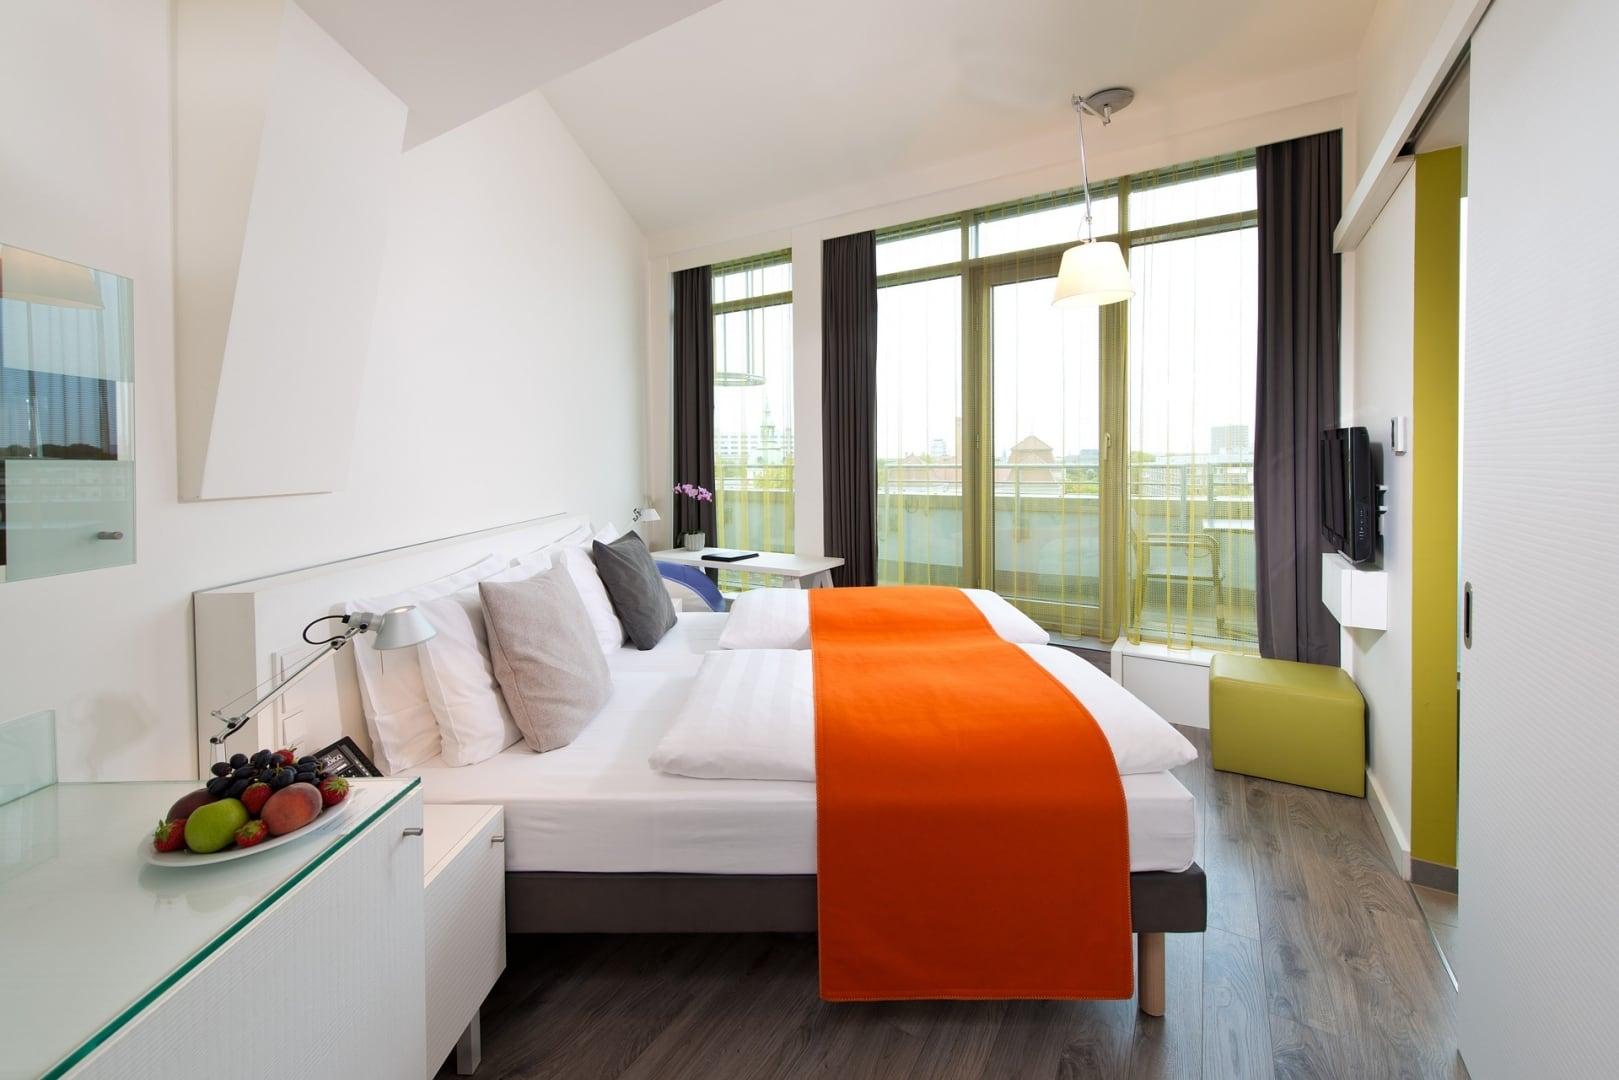 logement meubl temporaire pour un court sjour au luxembourg